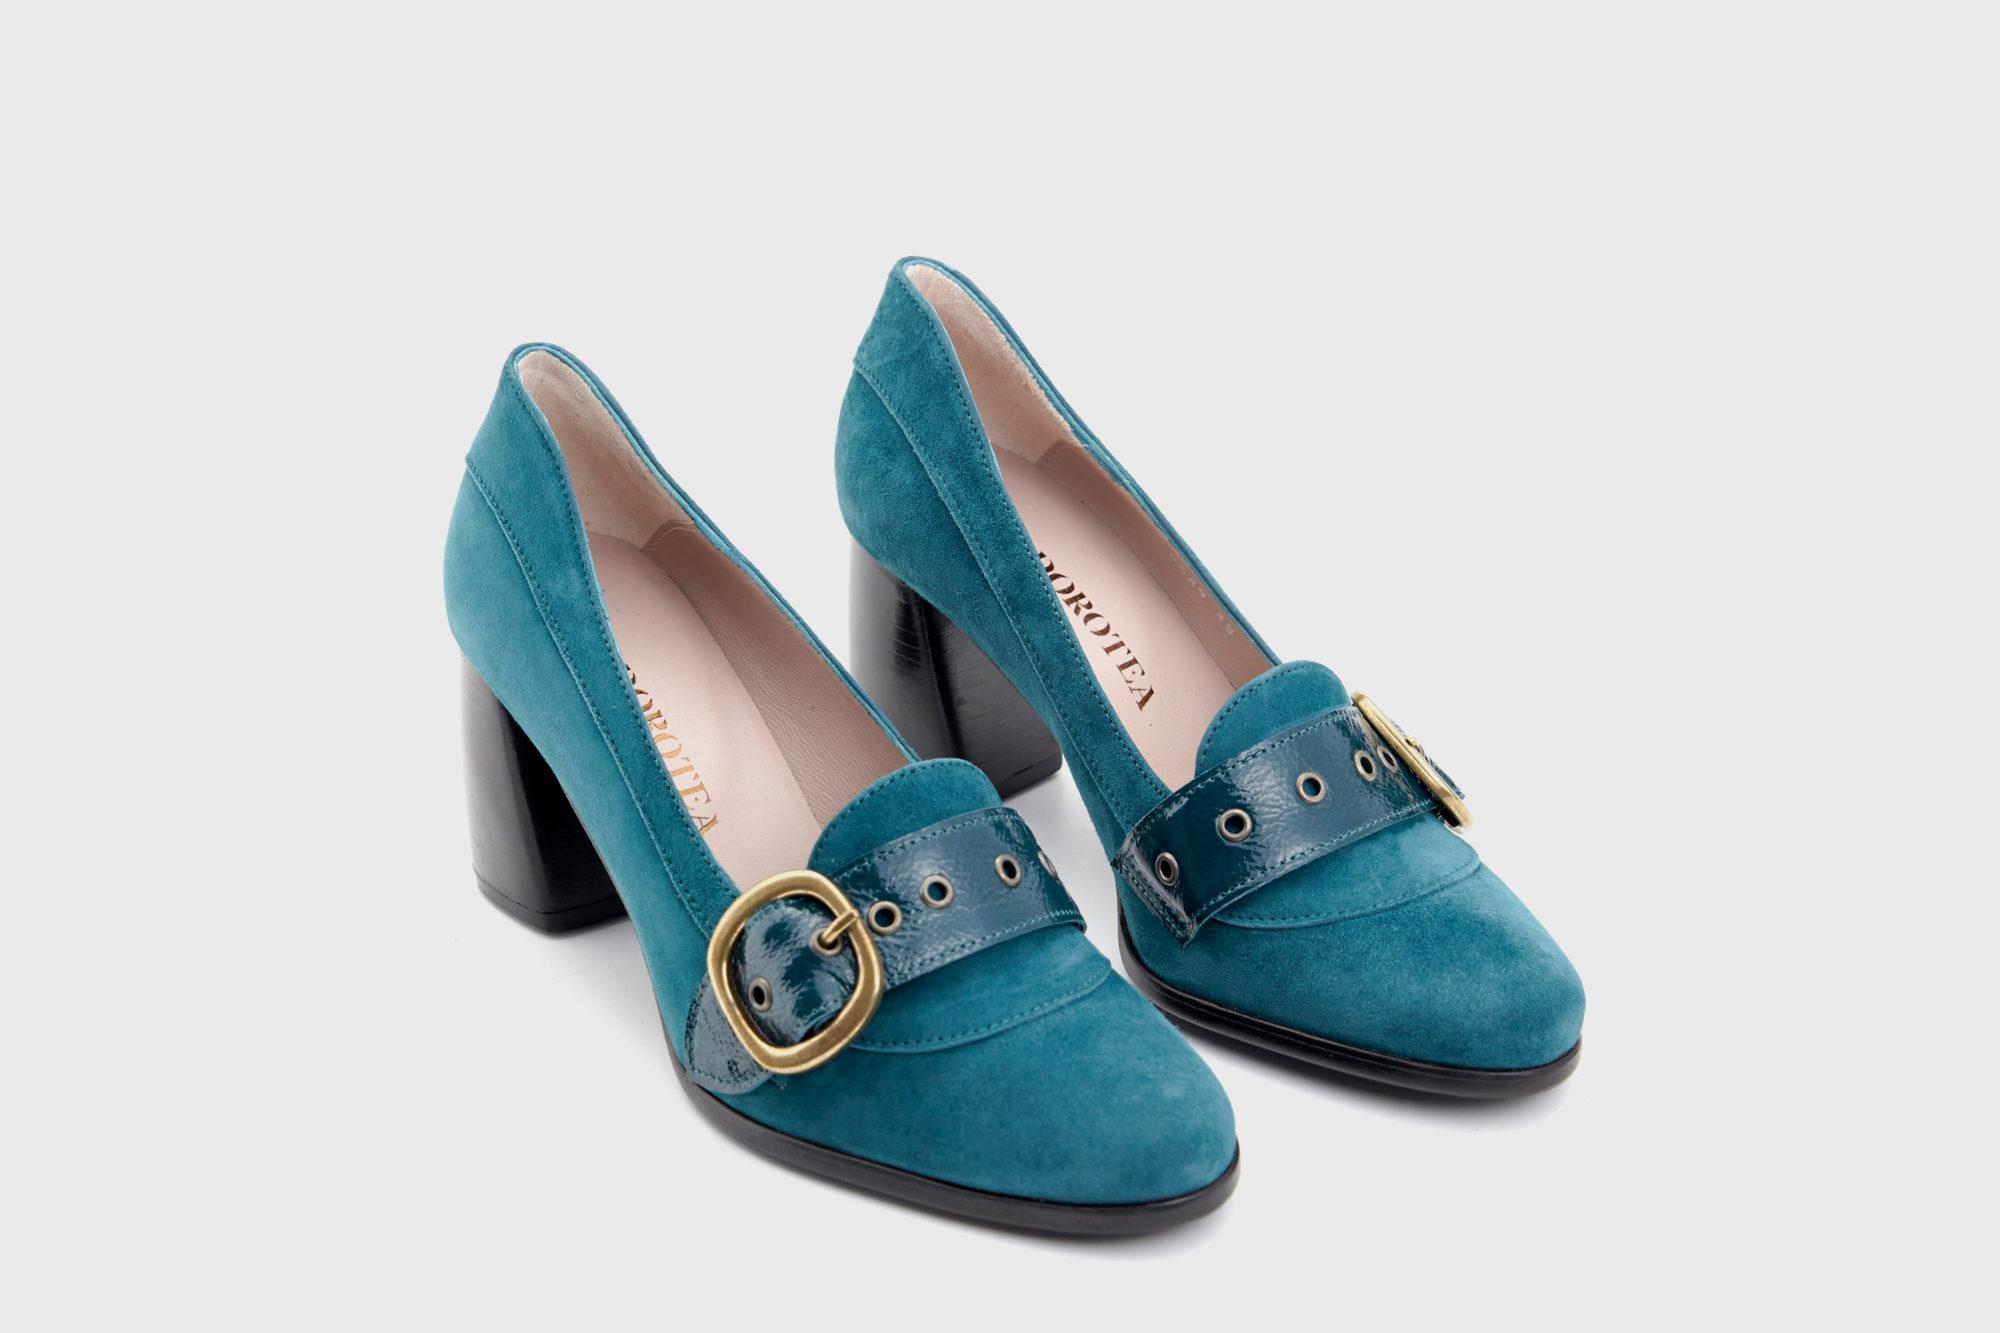 Dorotea zapato salón Juliette azul fw18 par